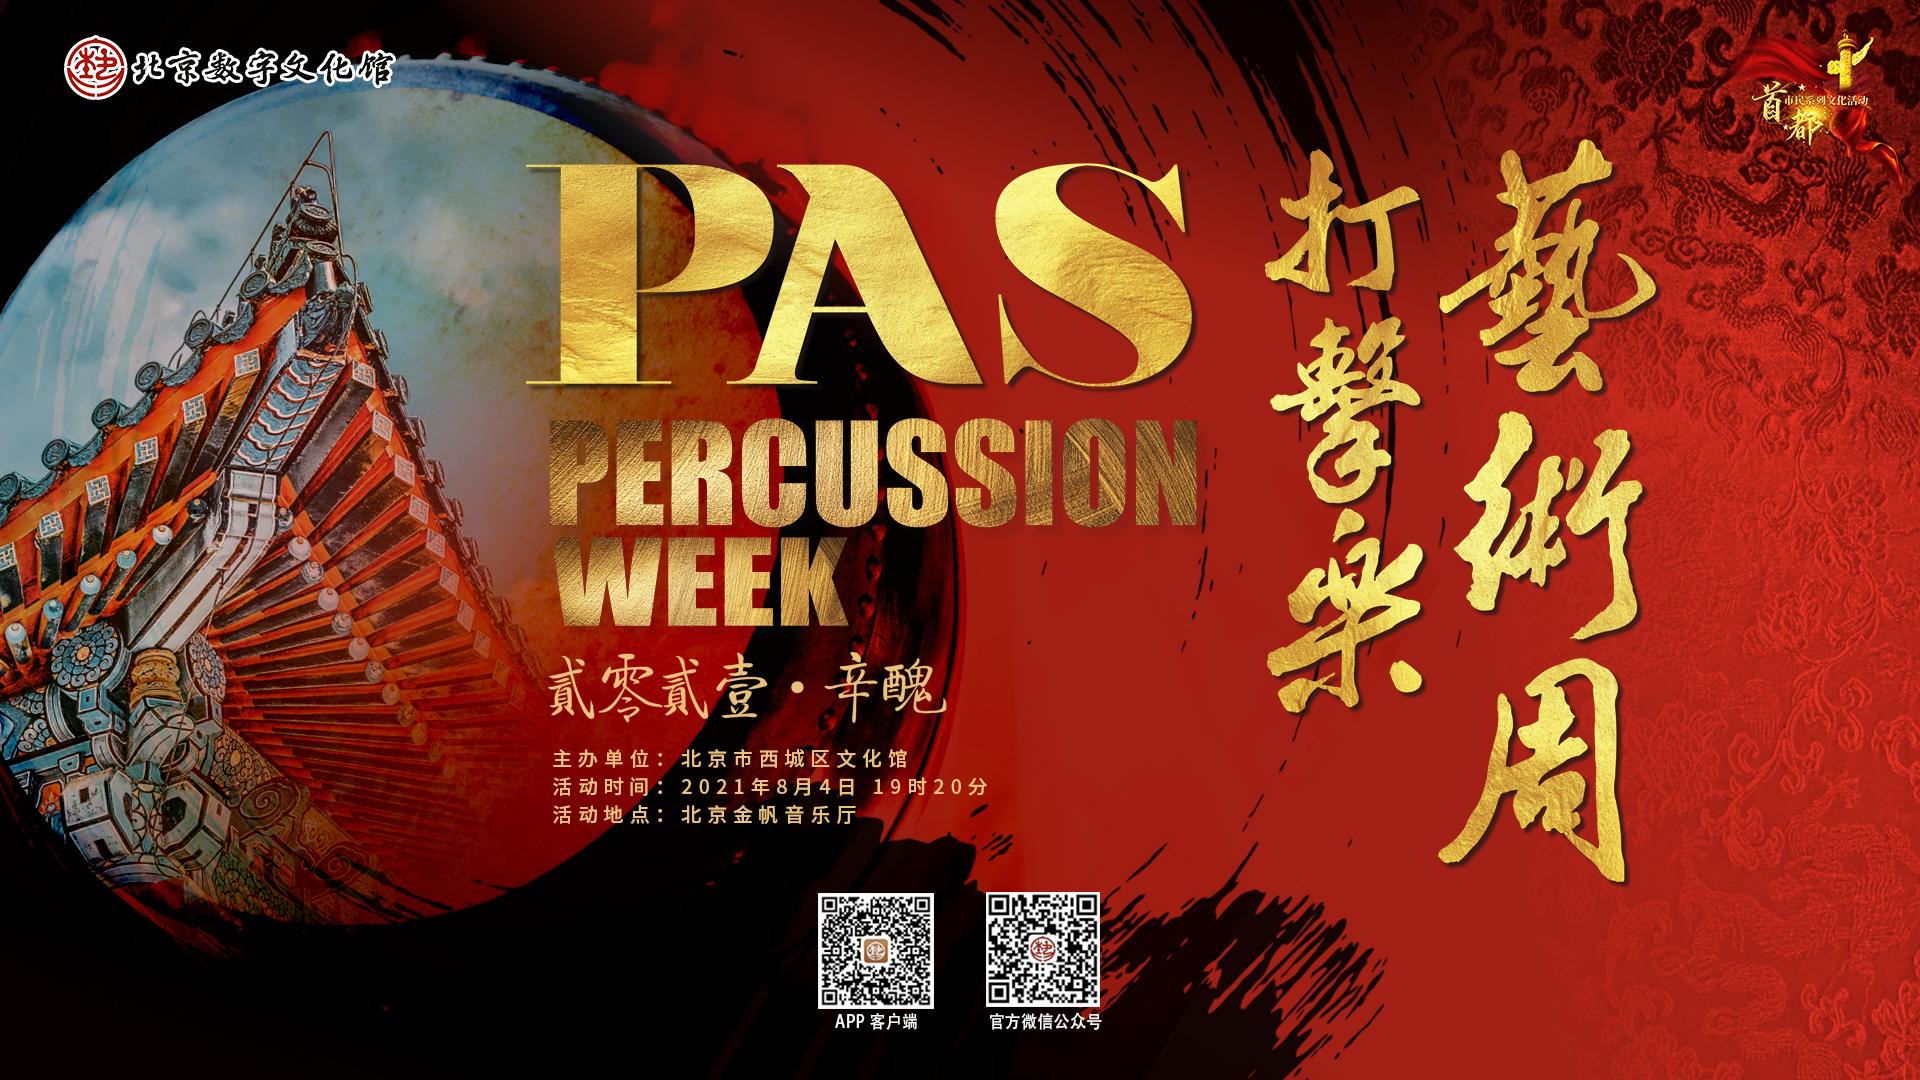 2021第五屆PAS打擊樂藝術周8月4日節奏幻想——余樂打擊樂專場音樂會